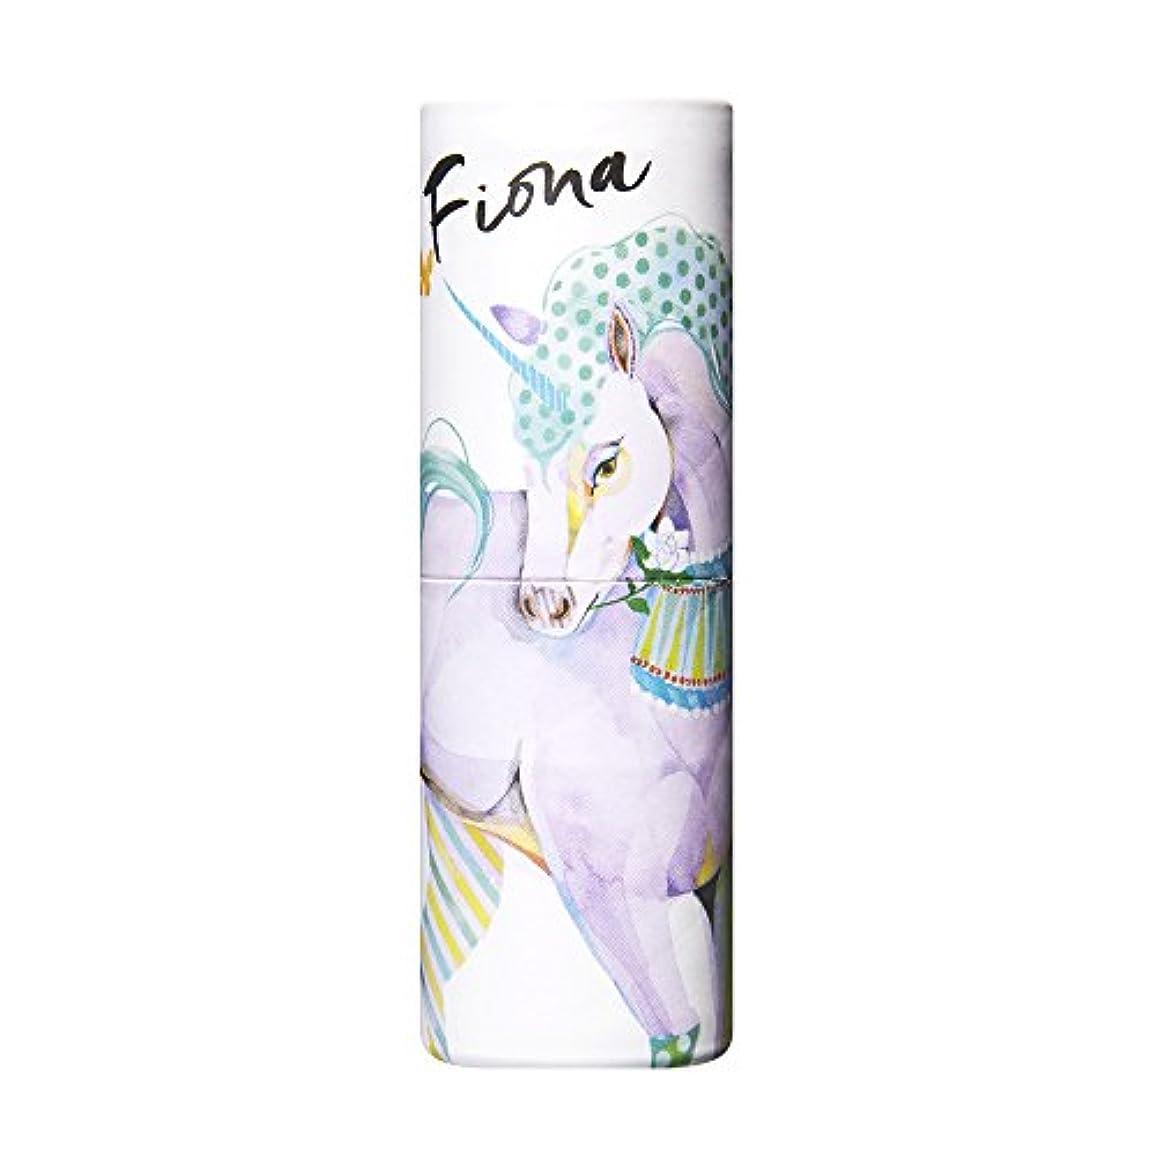 素晴らしいセンサー再生ヴァシリーサ パフュームスティック フィオナ ユニコーン  練香水 5g